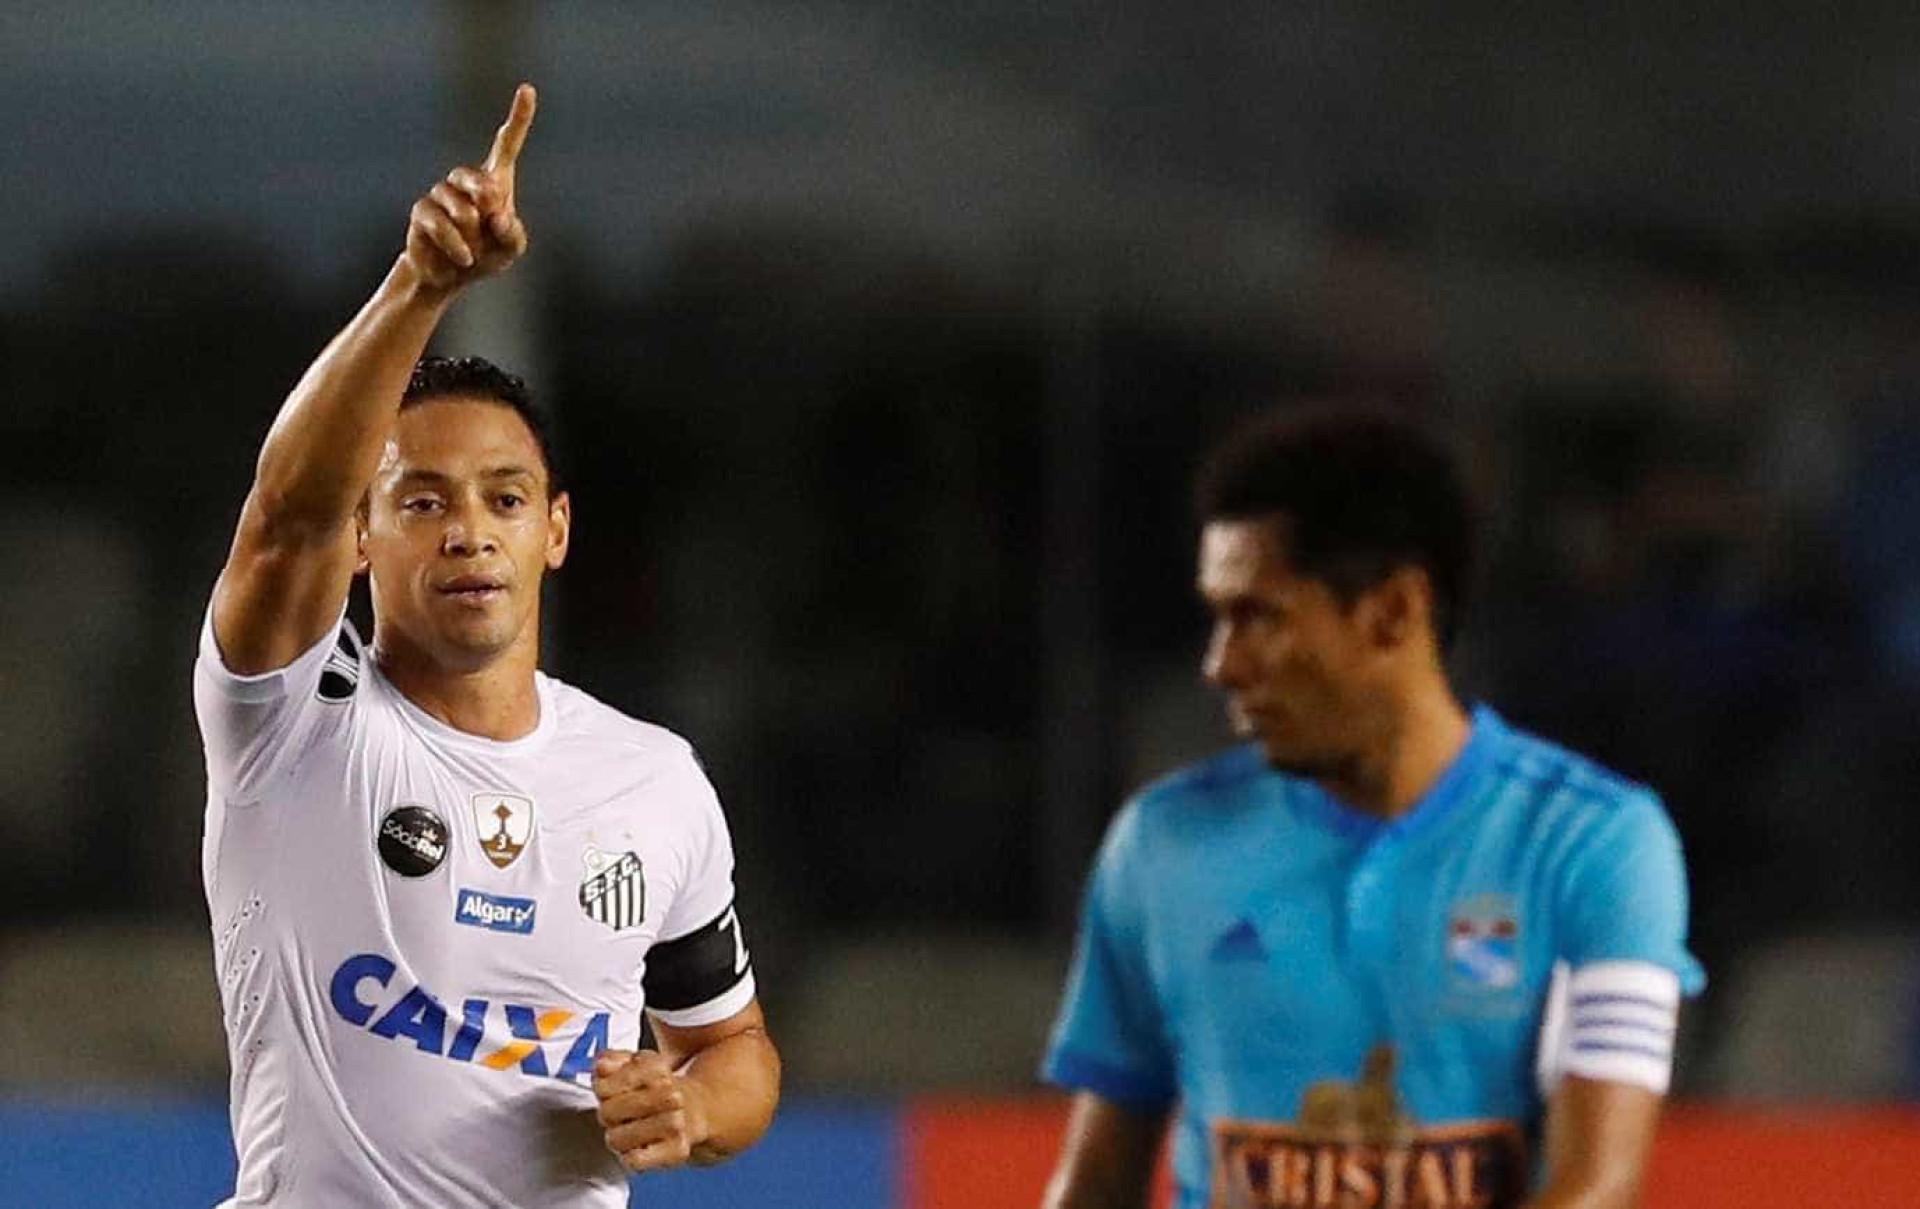 Reforços: as principais contratações dos times brasileiros em 2018